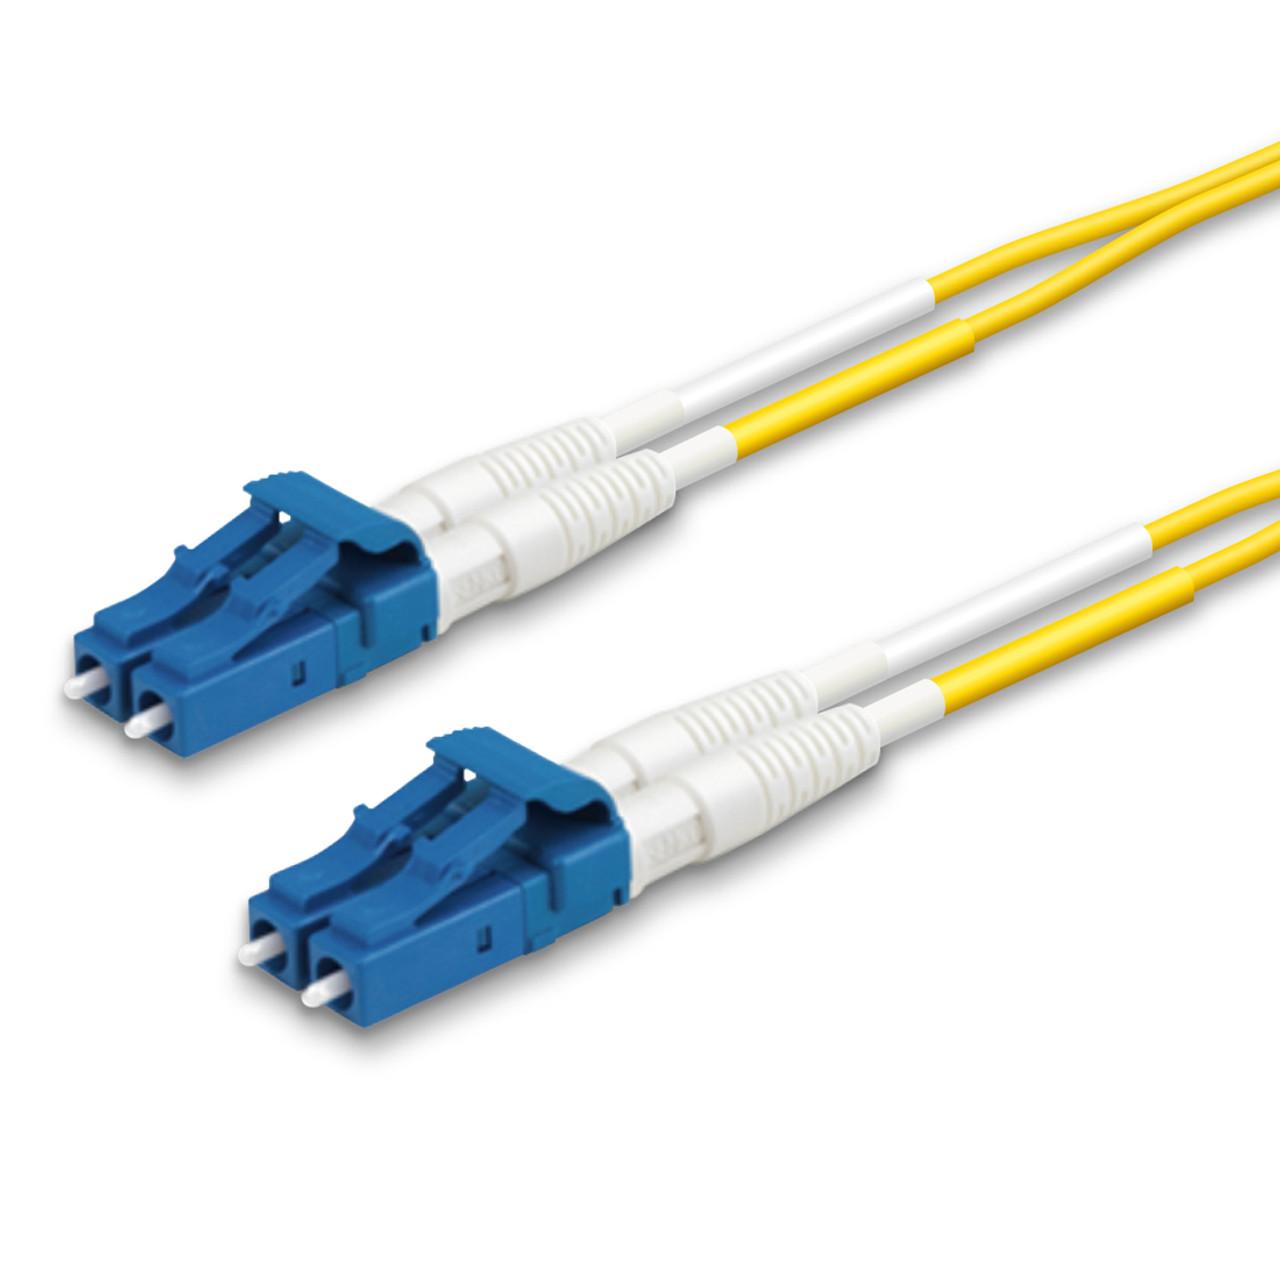 2 LC Duplex connectors, blue